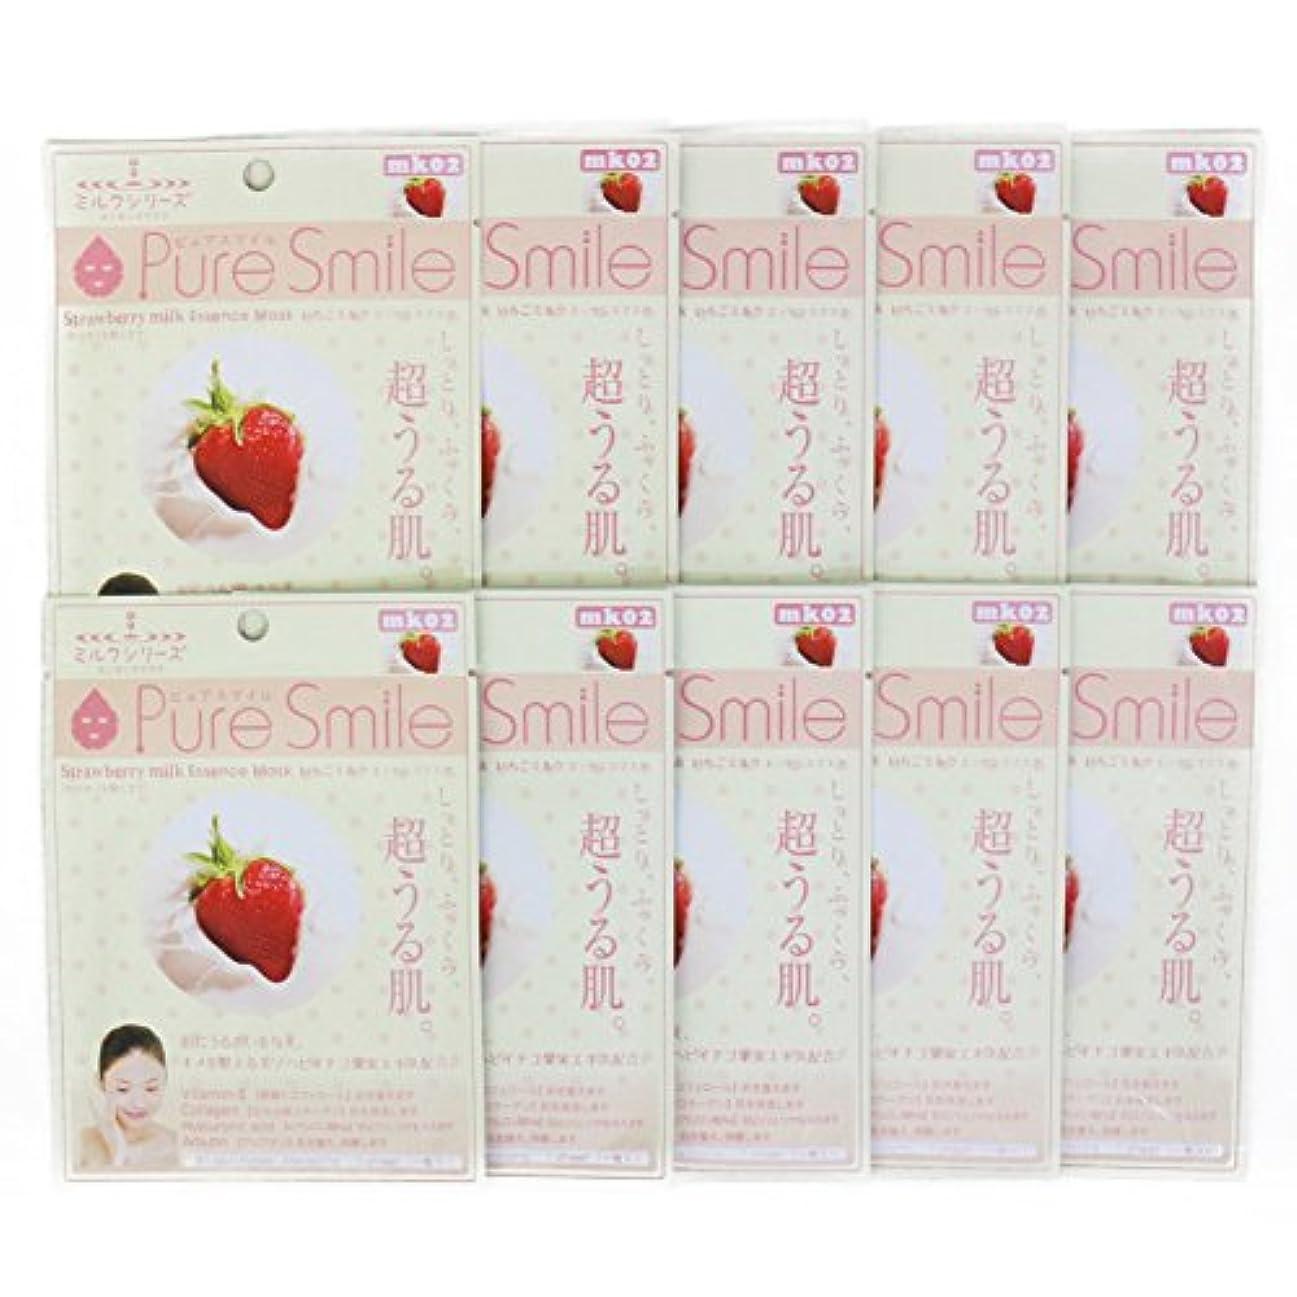 軍浸したふけるPure Smile ピュアスマイル ミルクエッセンスマスク イチゴミルク 10枚セット